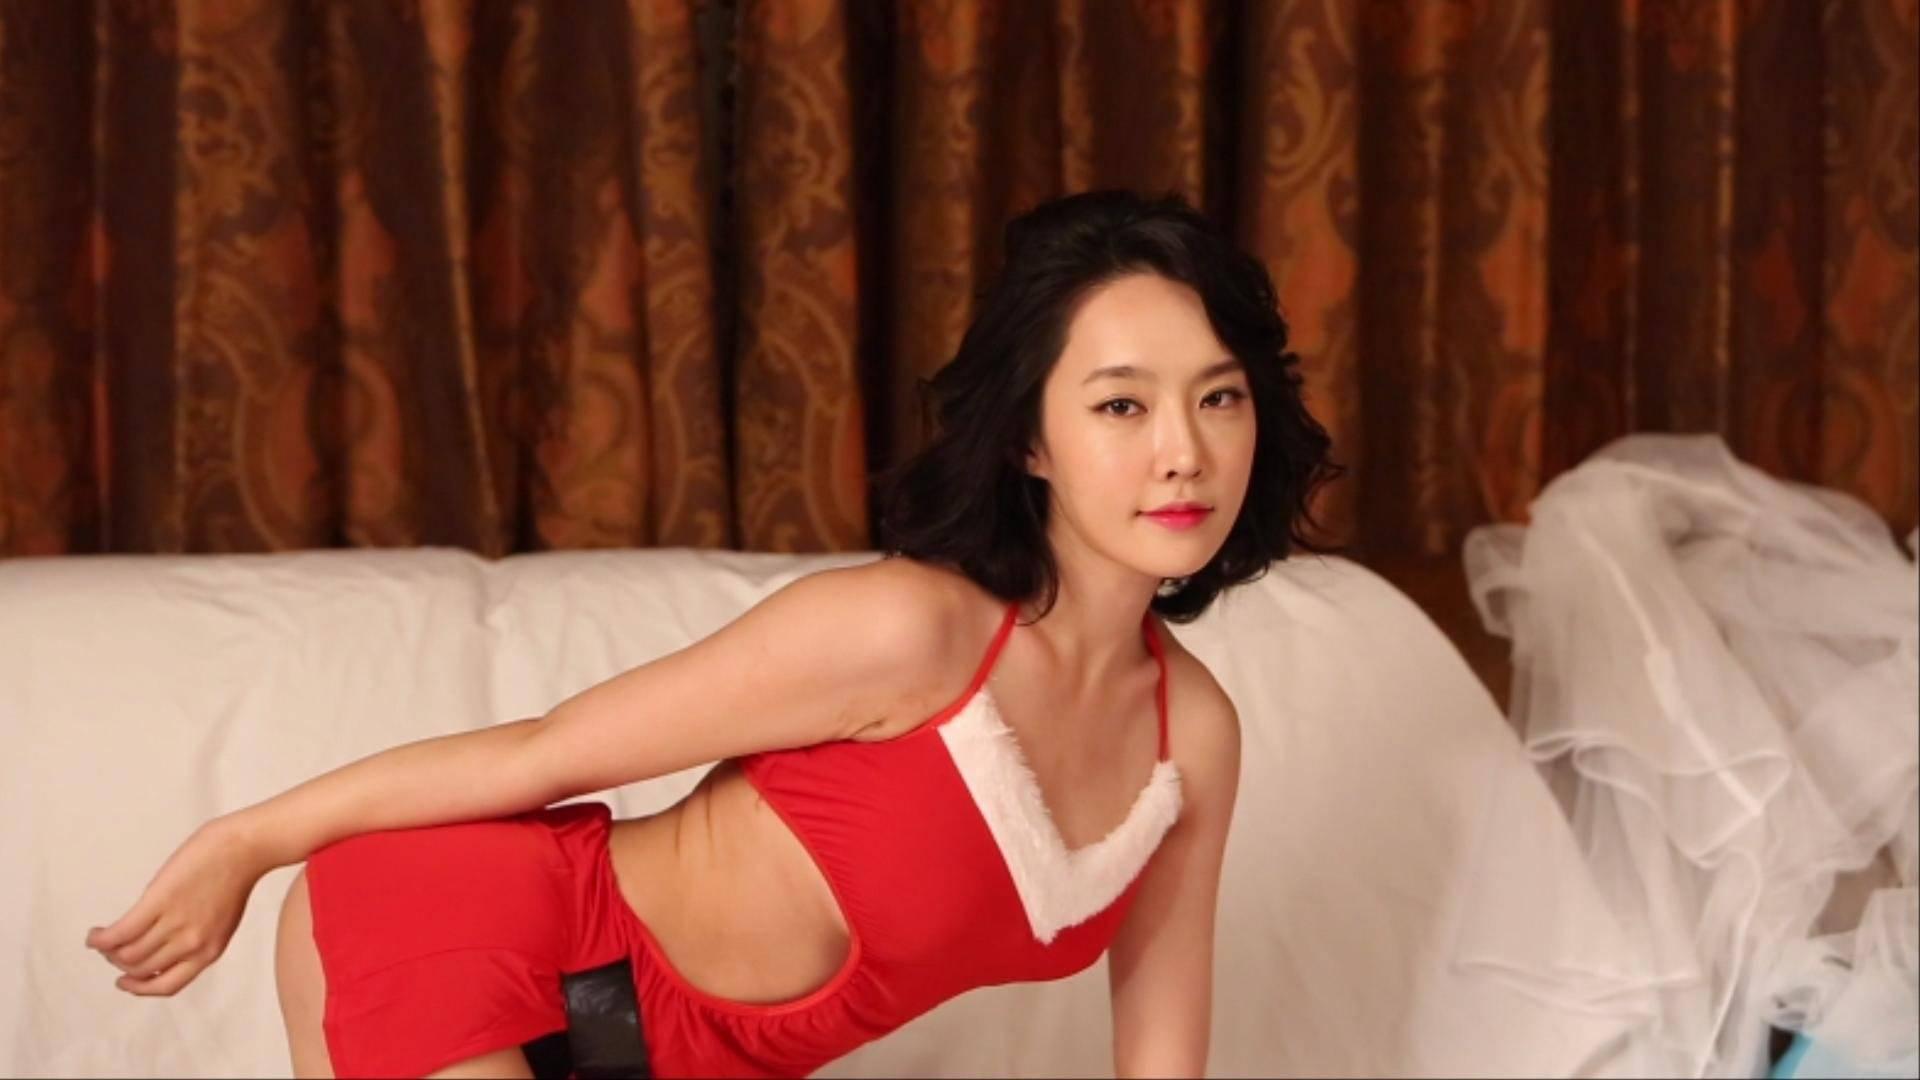 Jessica alba nude video